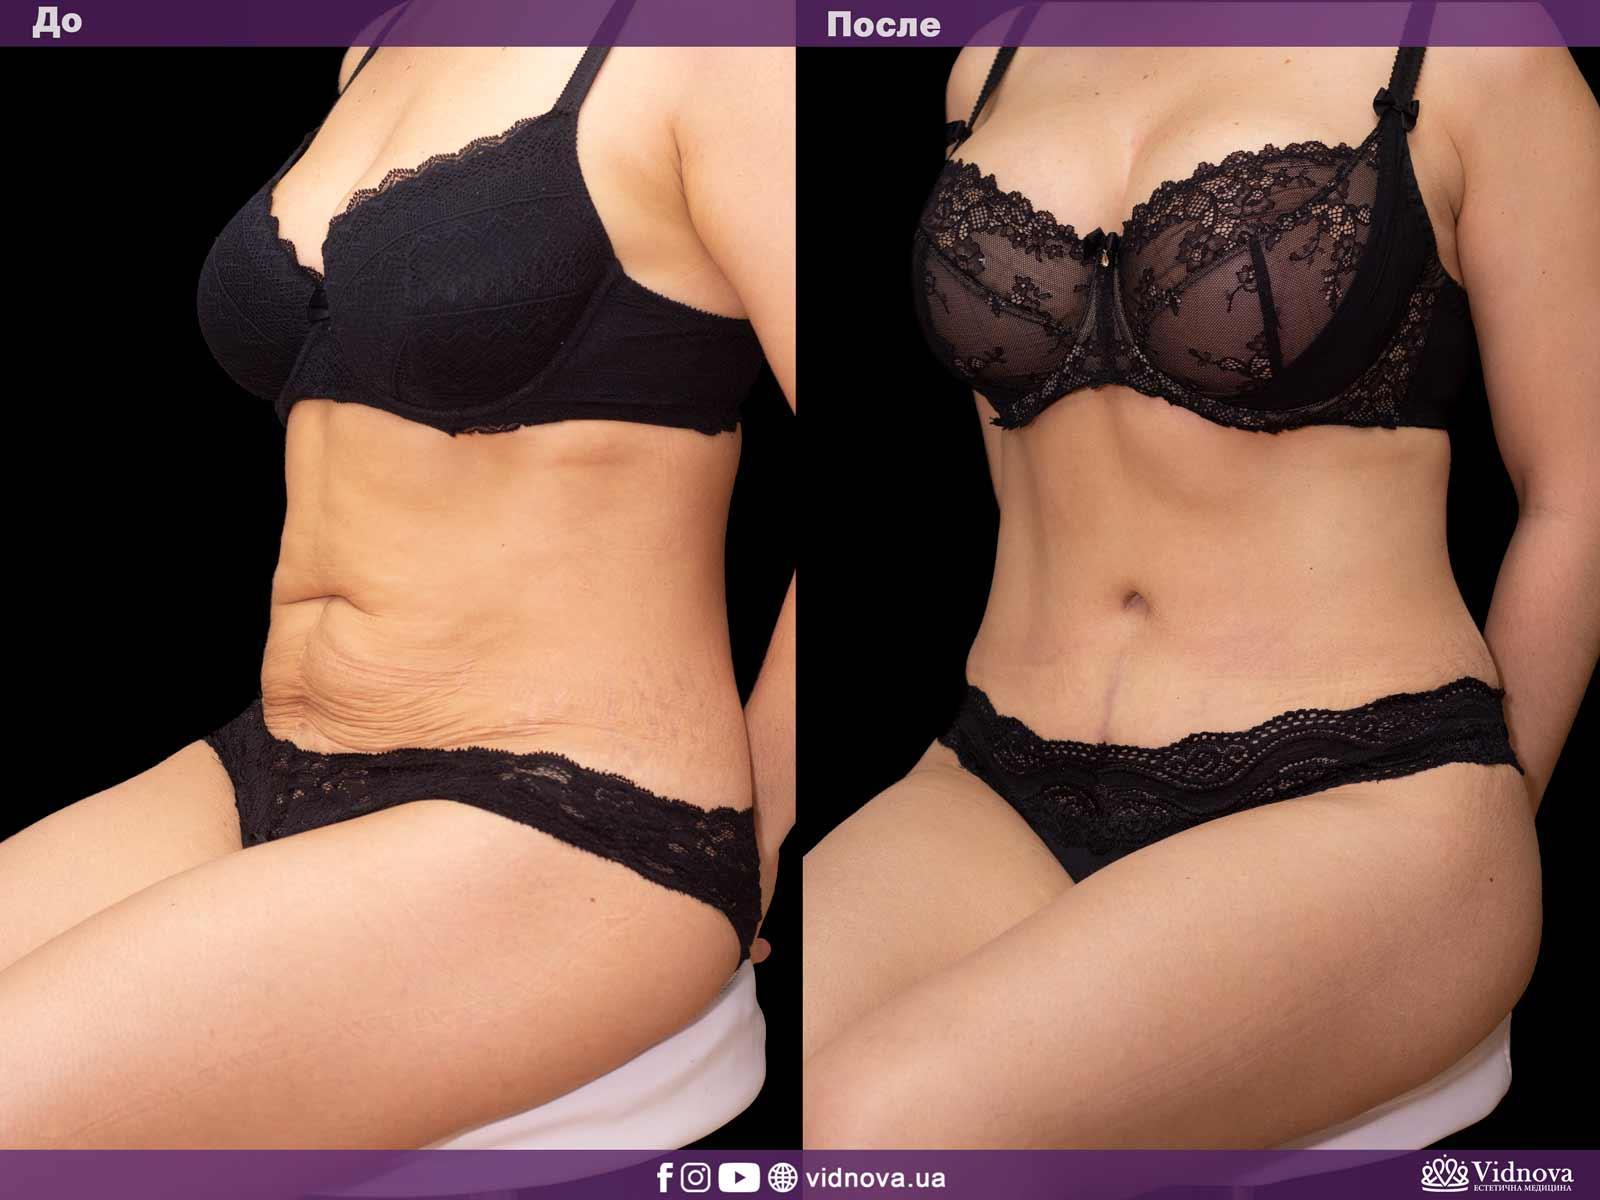 Совмещенные операции: Фото До и После - Пример №3-1 - Клиника Vidnova